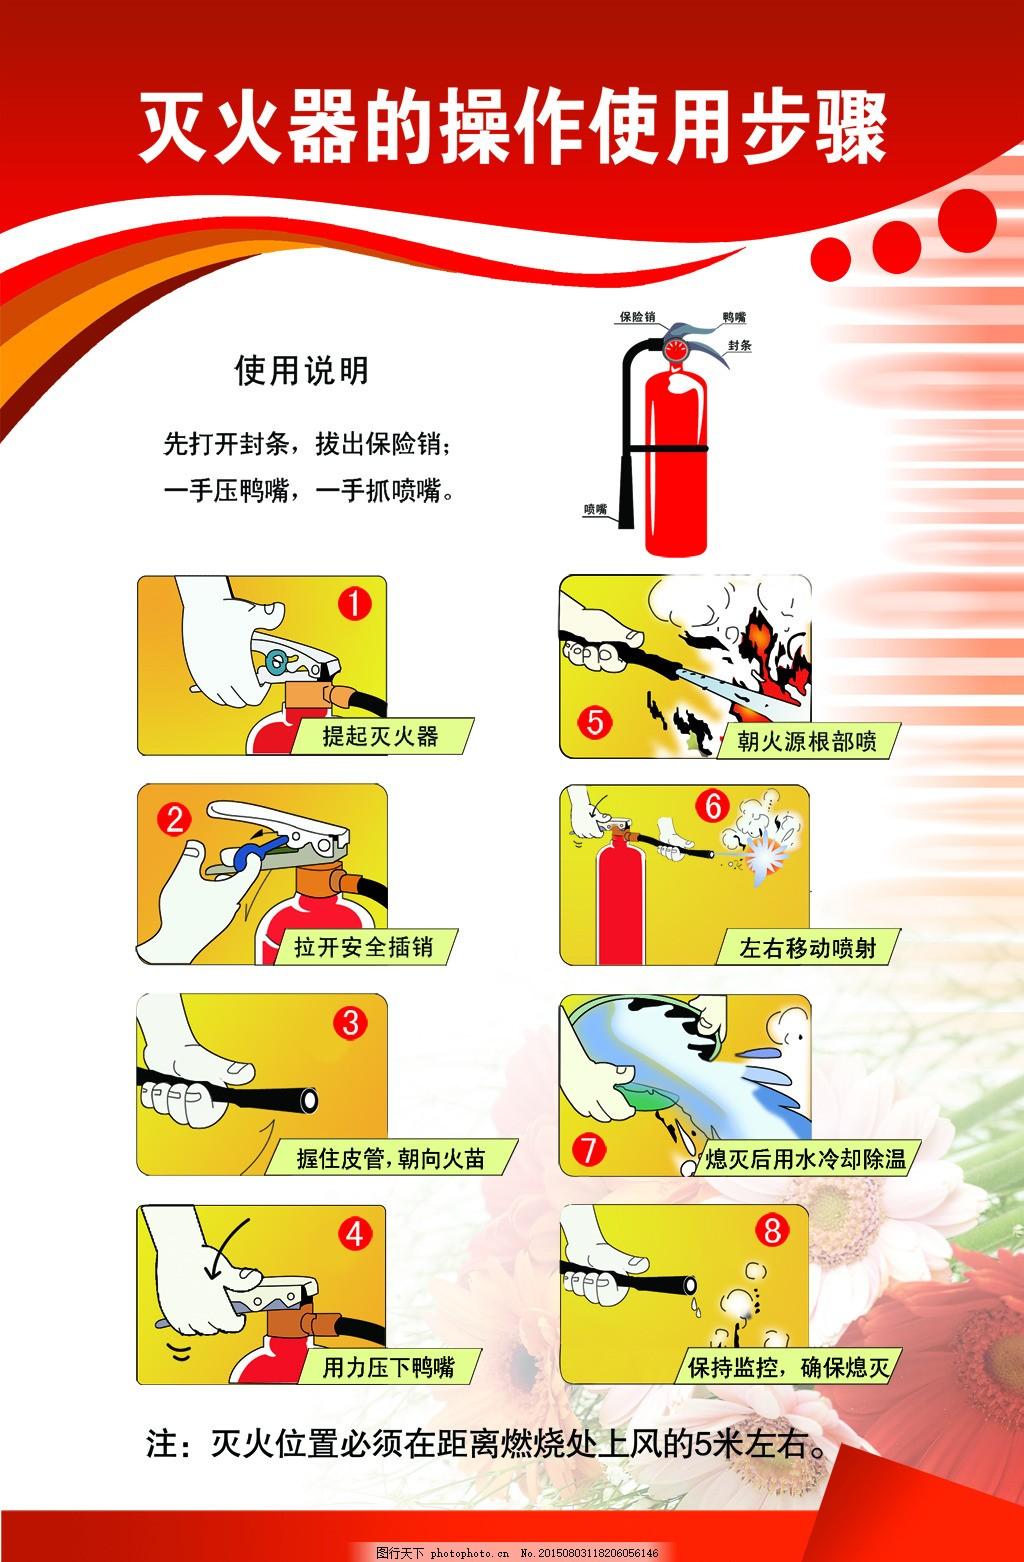 灭火器使用步骤